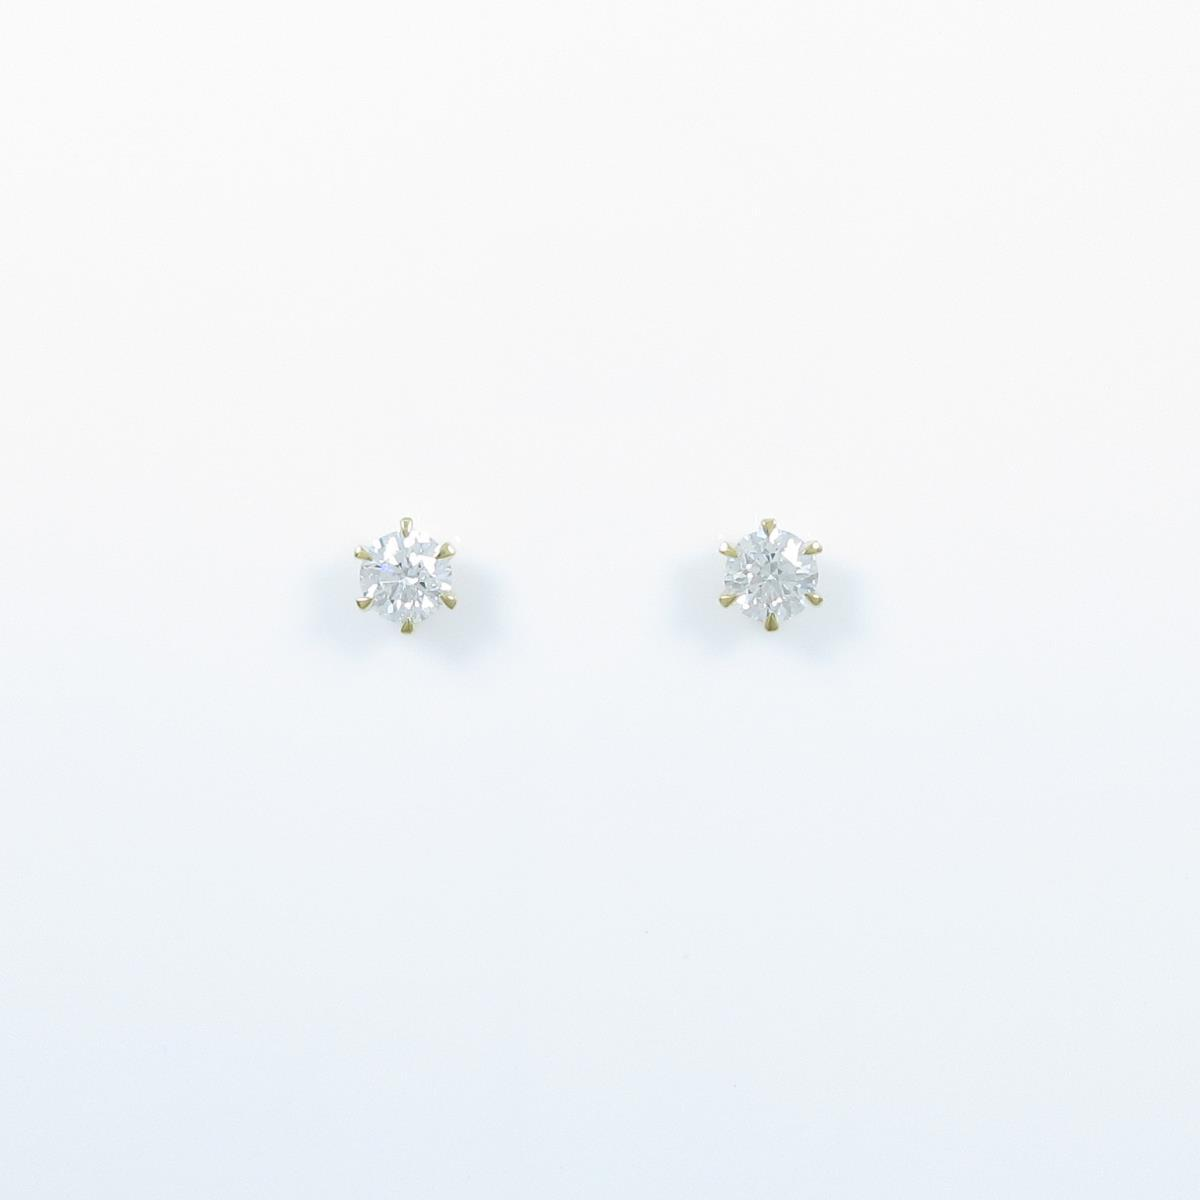 【使い勝手の良い】 【リメイク】K18YG/ST ダイヤモンドピアス 0.236ct・0.237ct・D・VVS2・EXT【】, ベースボールプラザ:1ce8e8f3 --- newplan.com